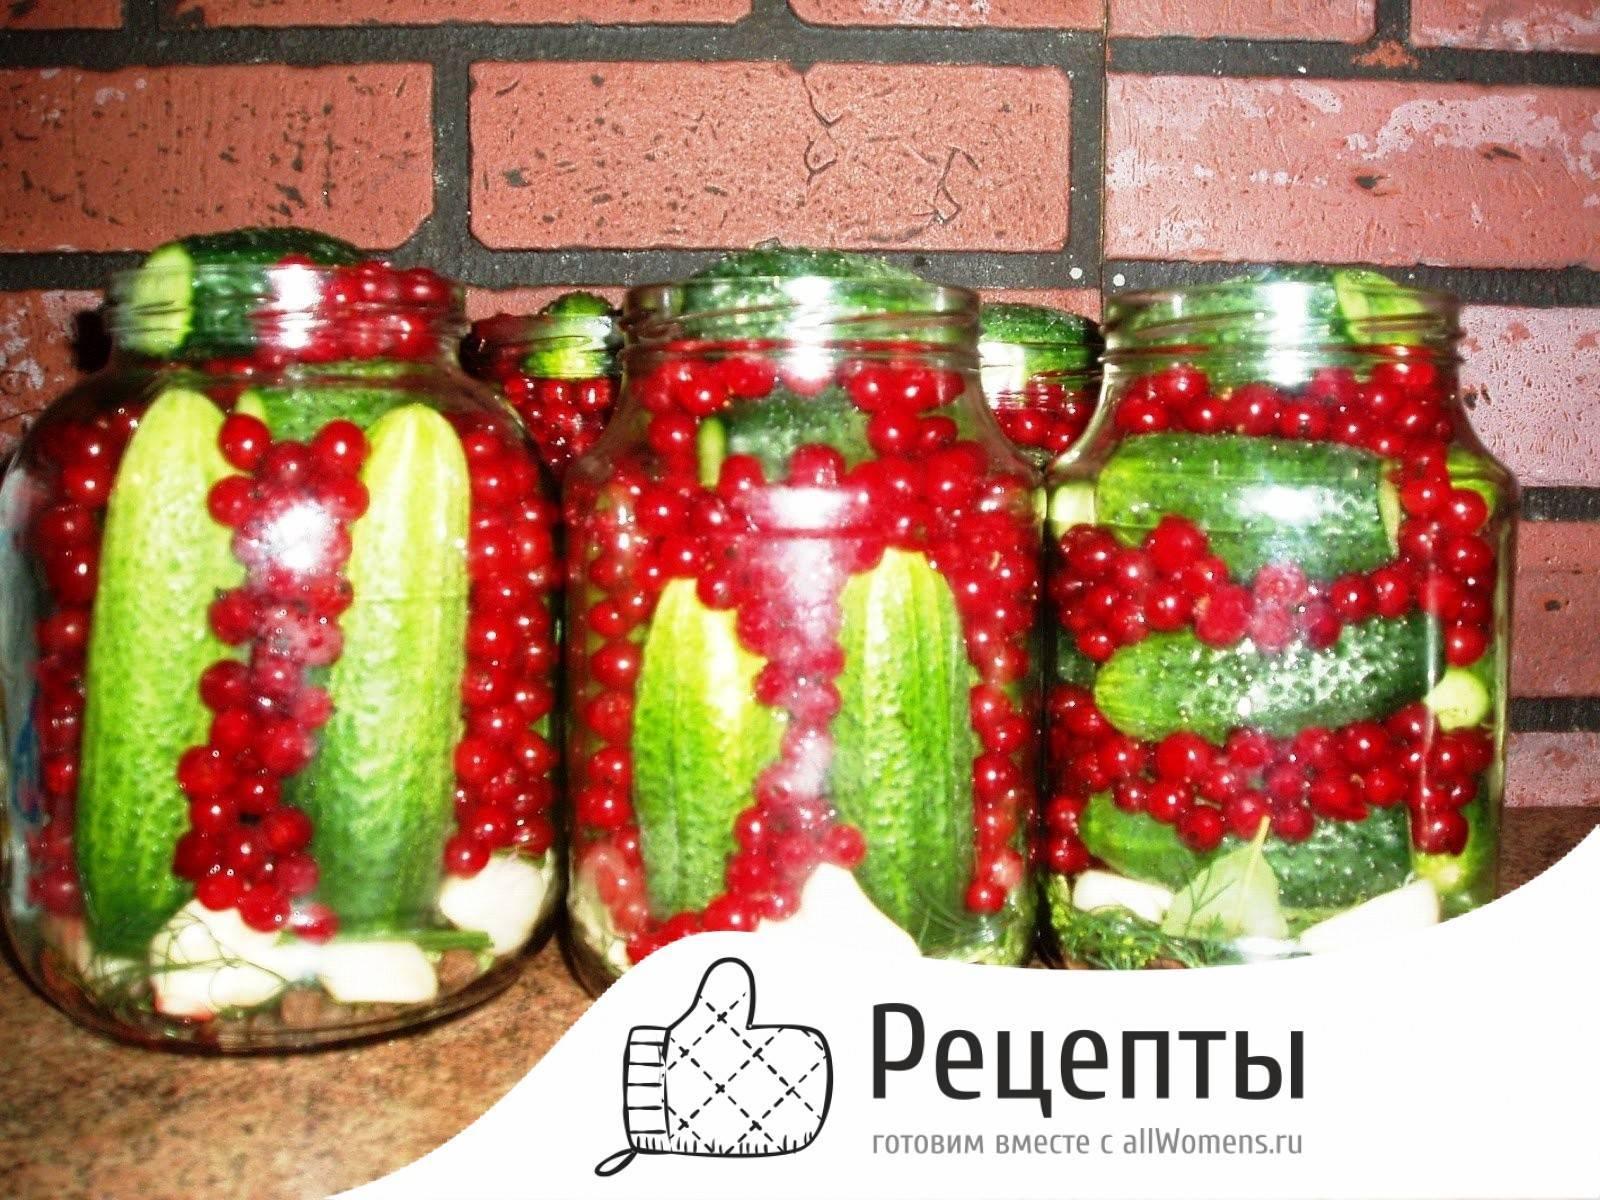 Помидоры с лимонной кислотой на зиму: рецепты маринования с фото и видео